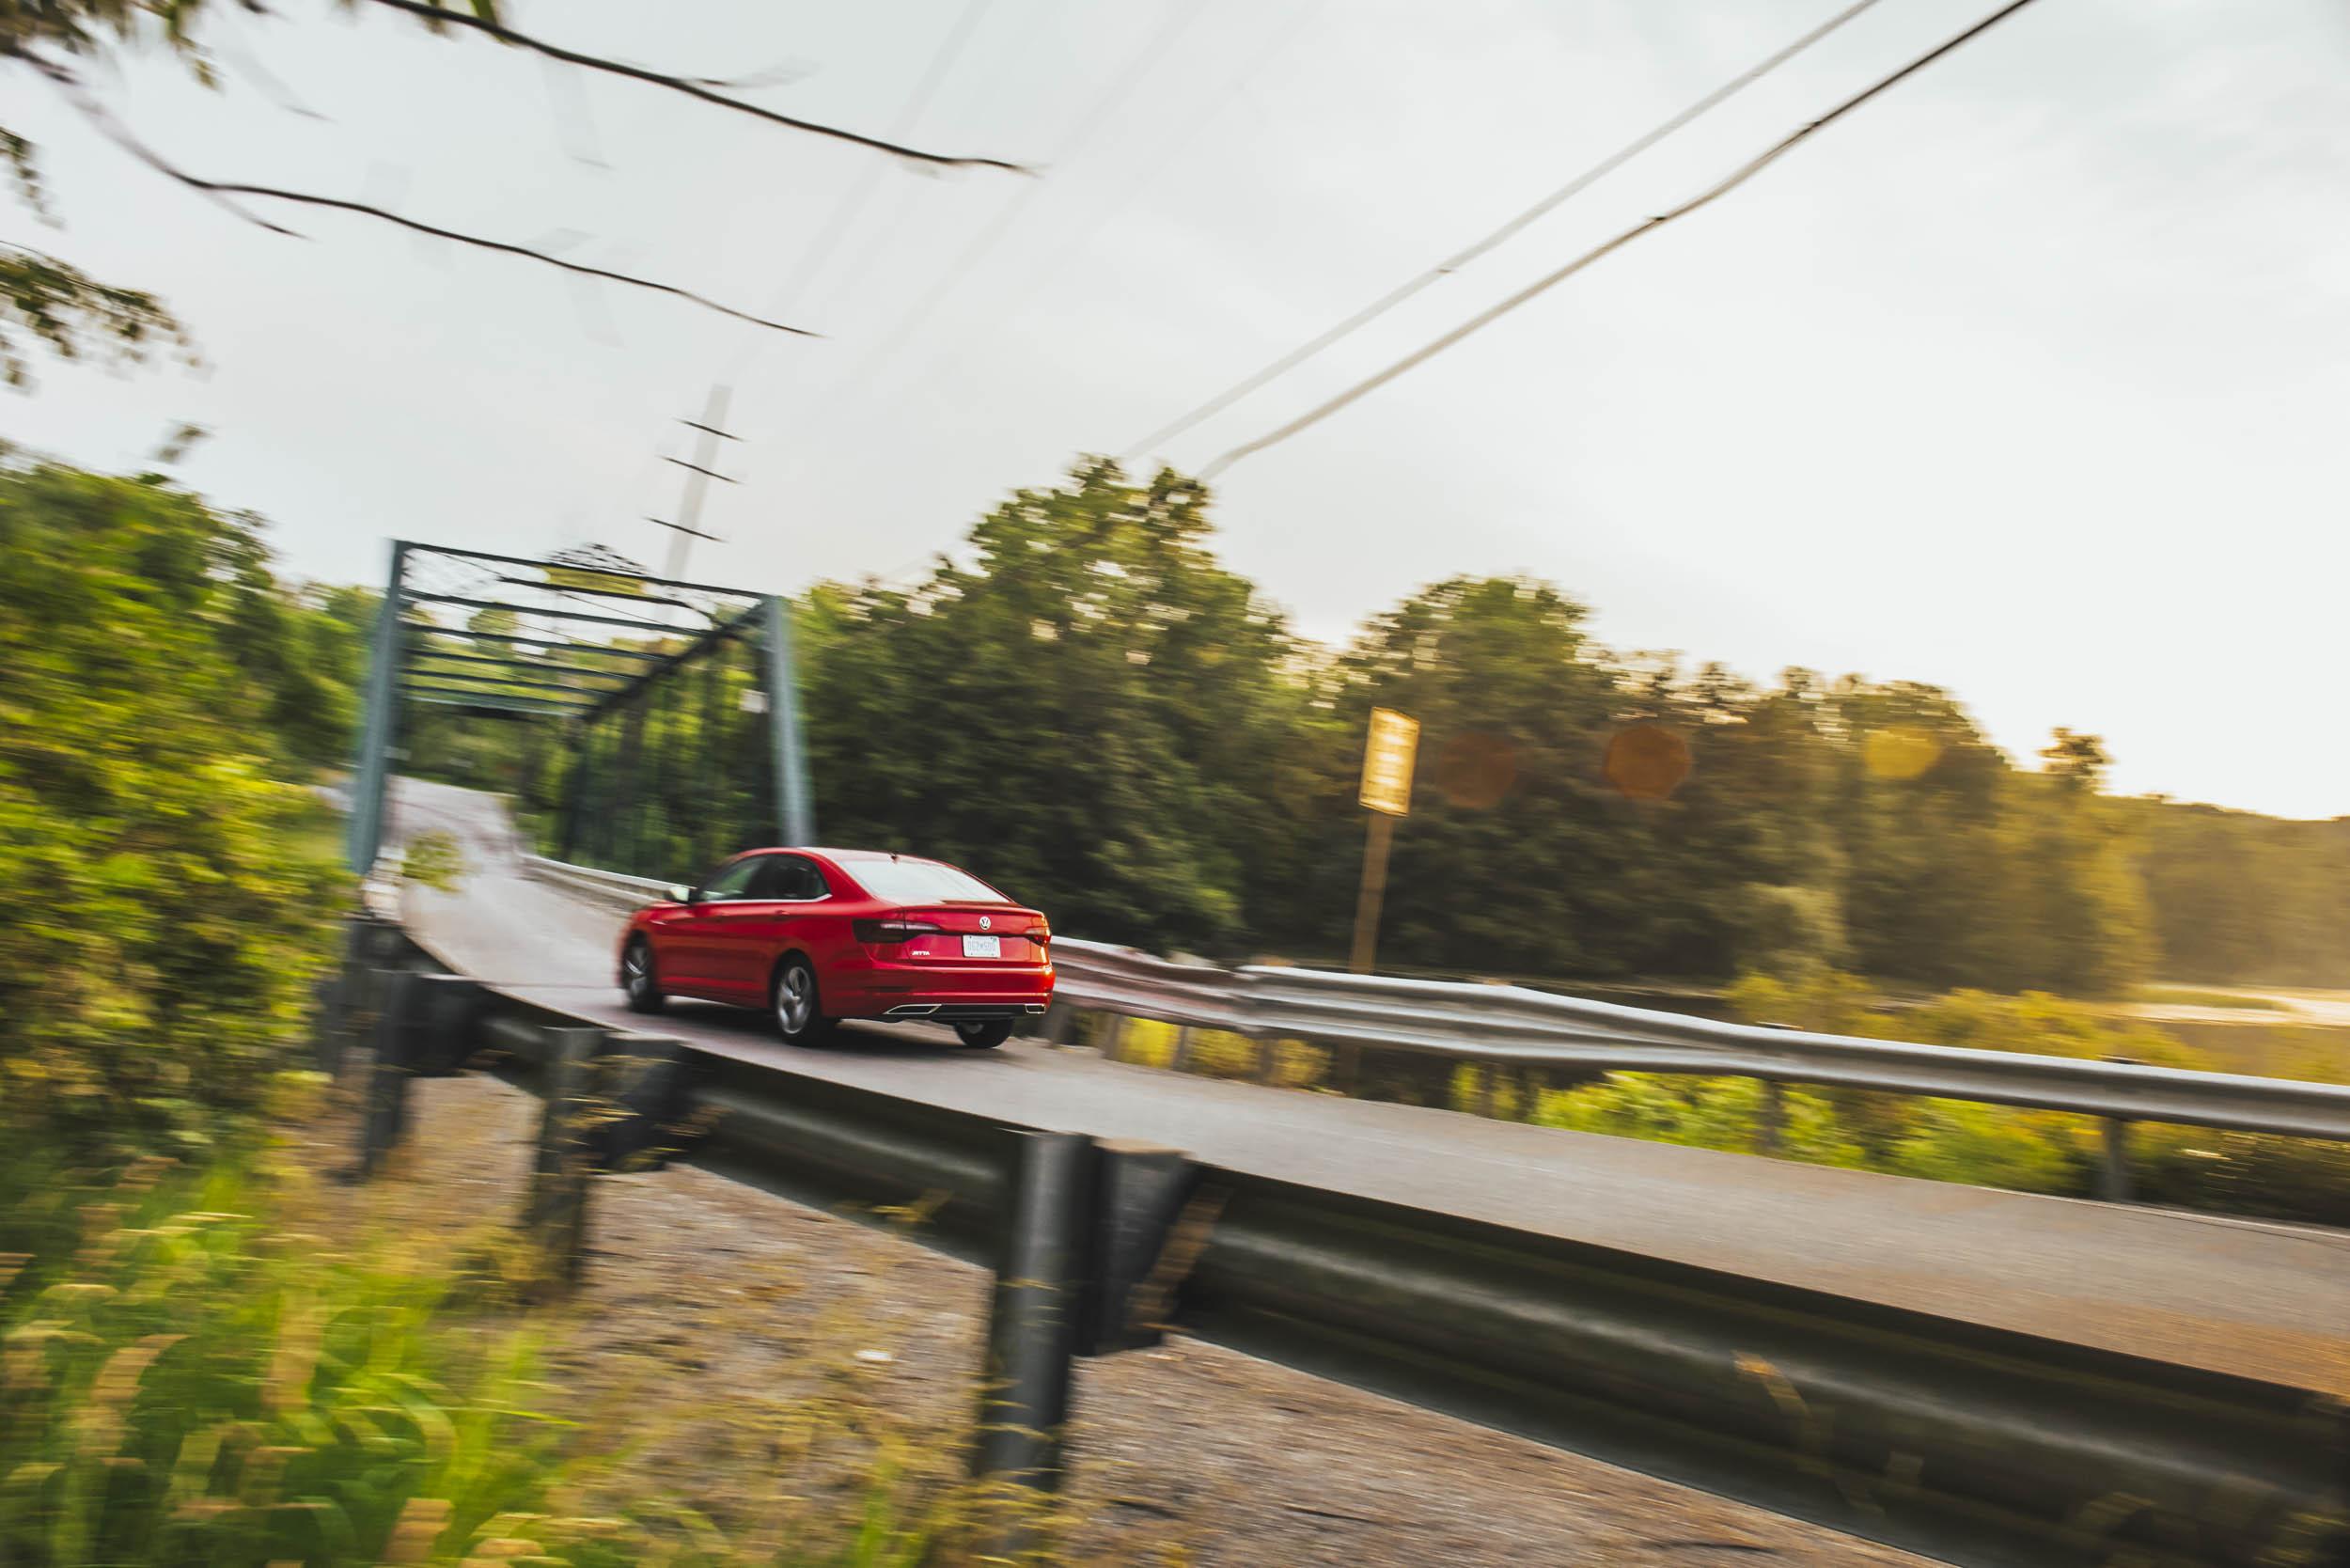 volkswagen jetta r-line driving away